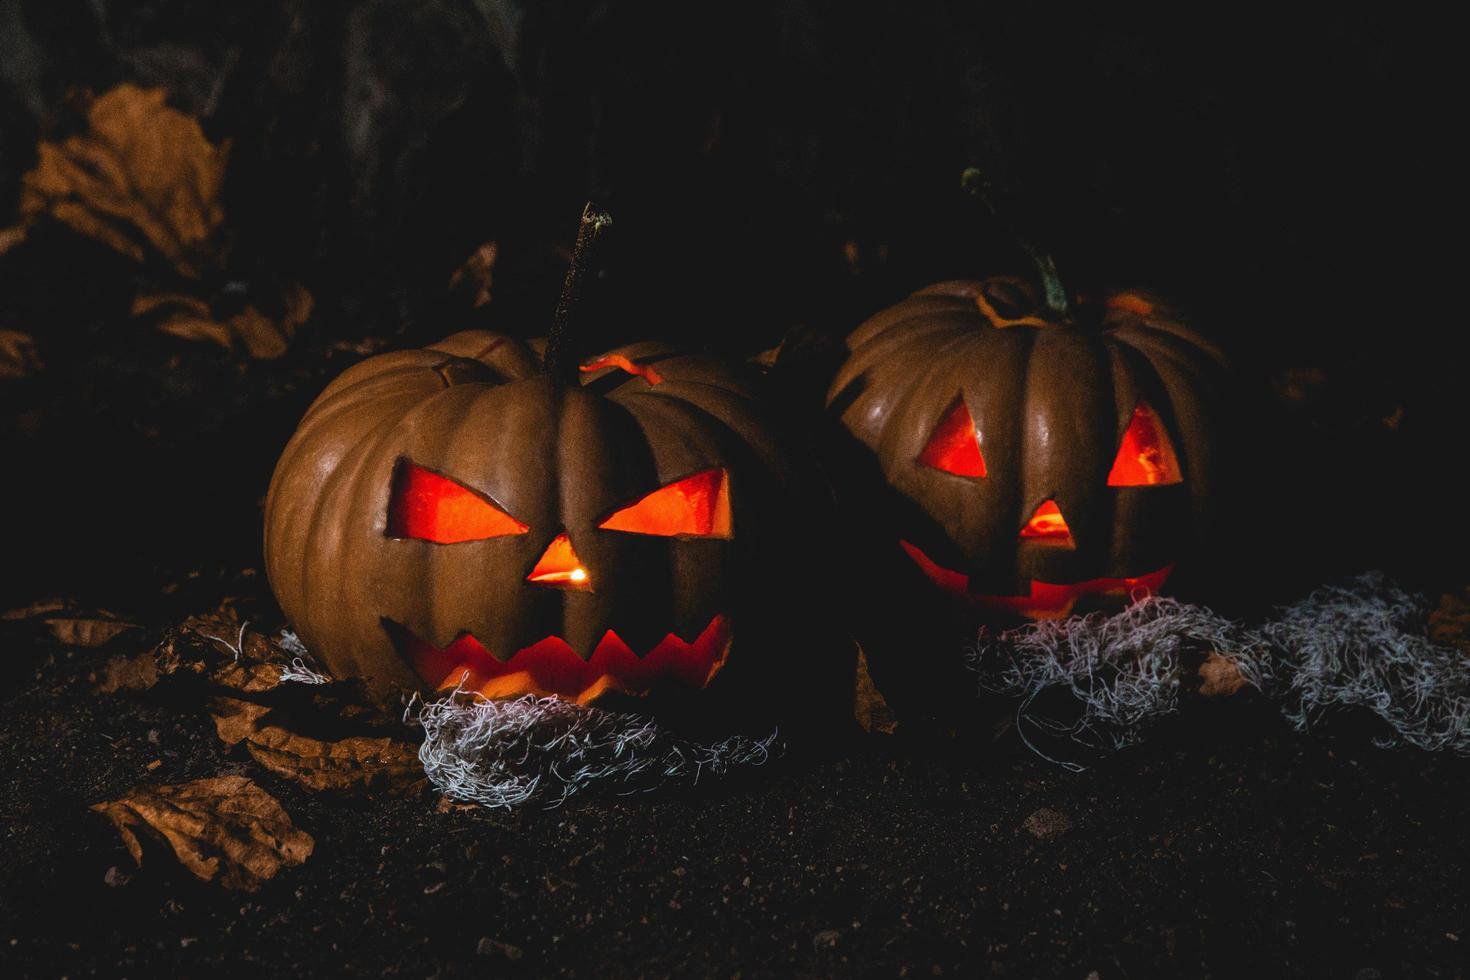 twee jack o'lantern lampen foto